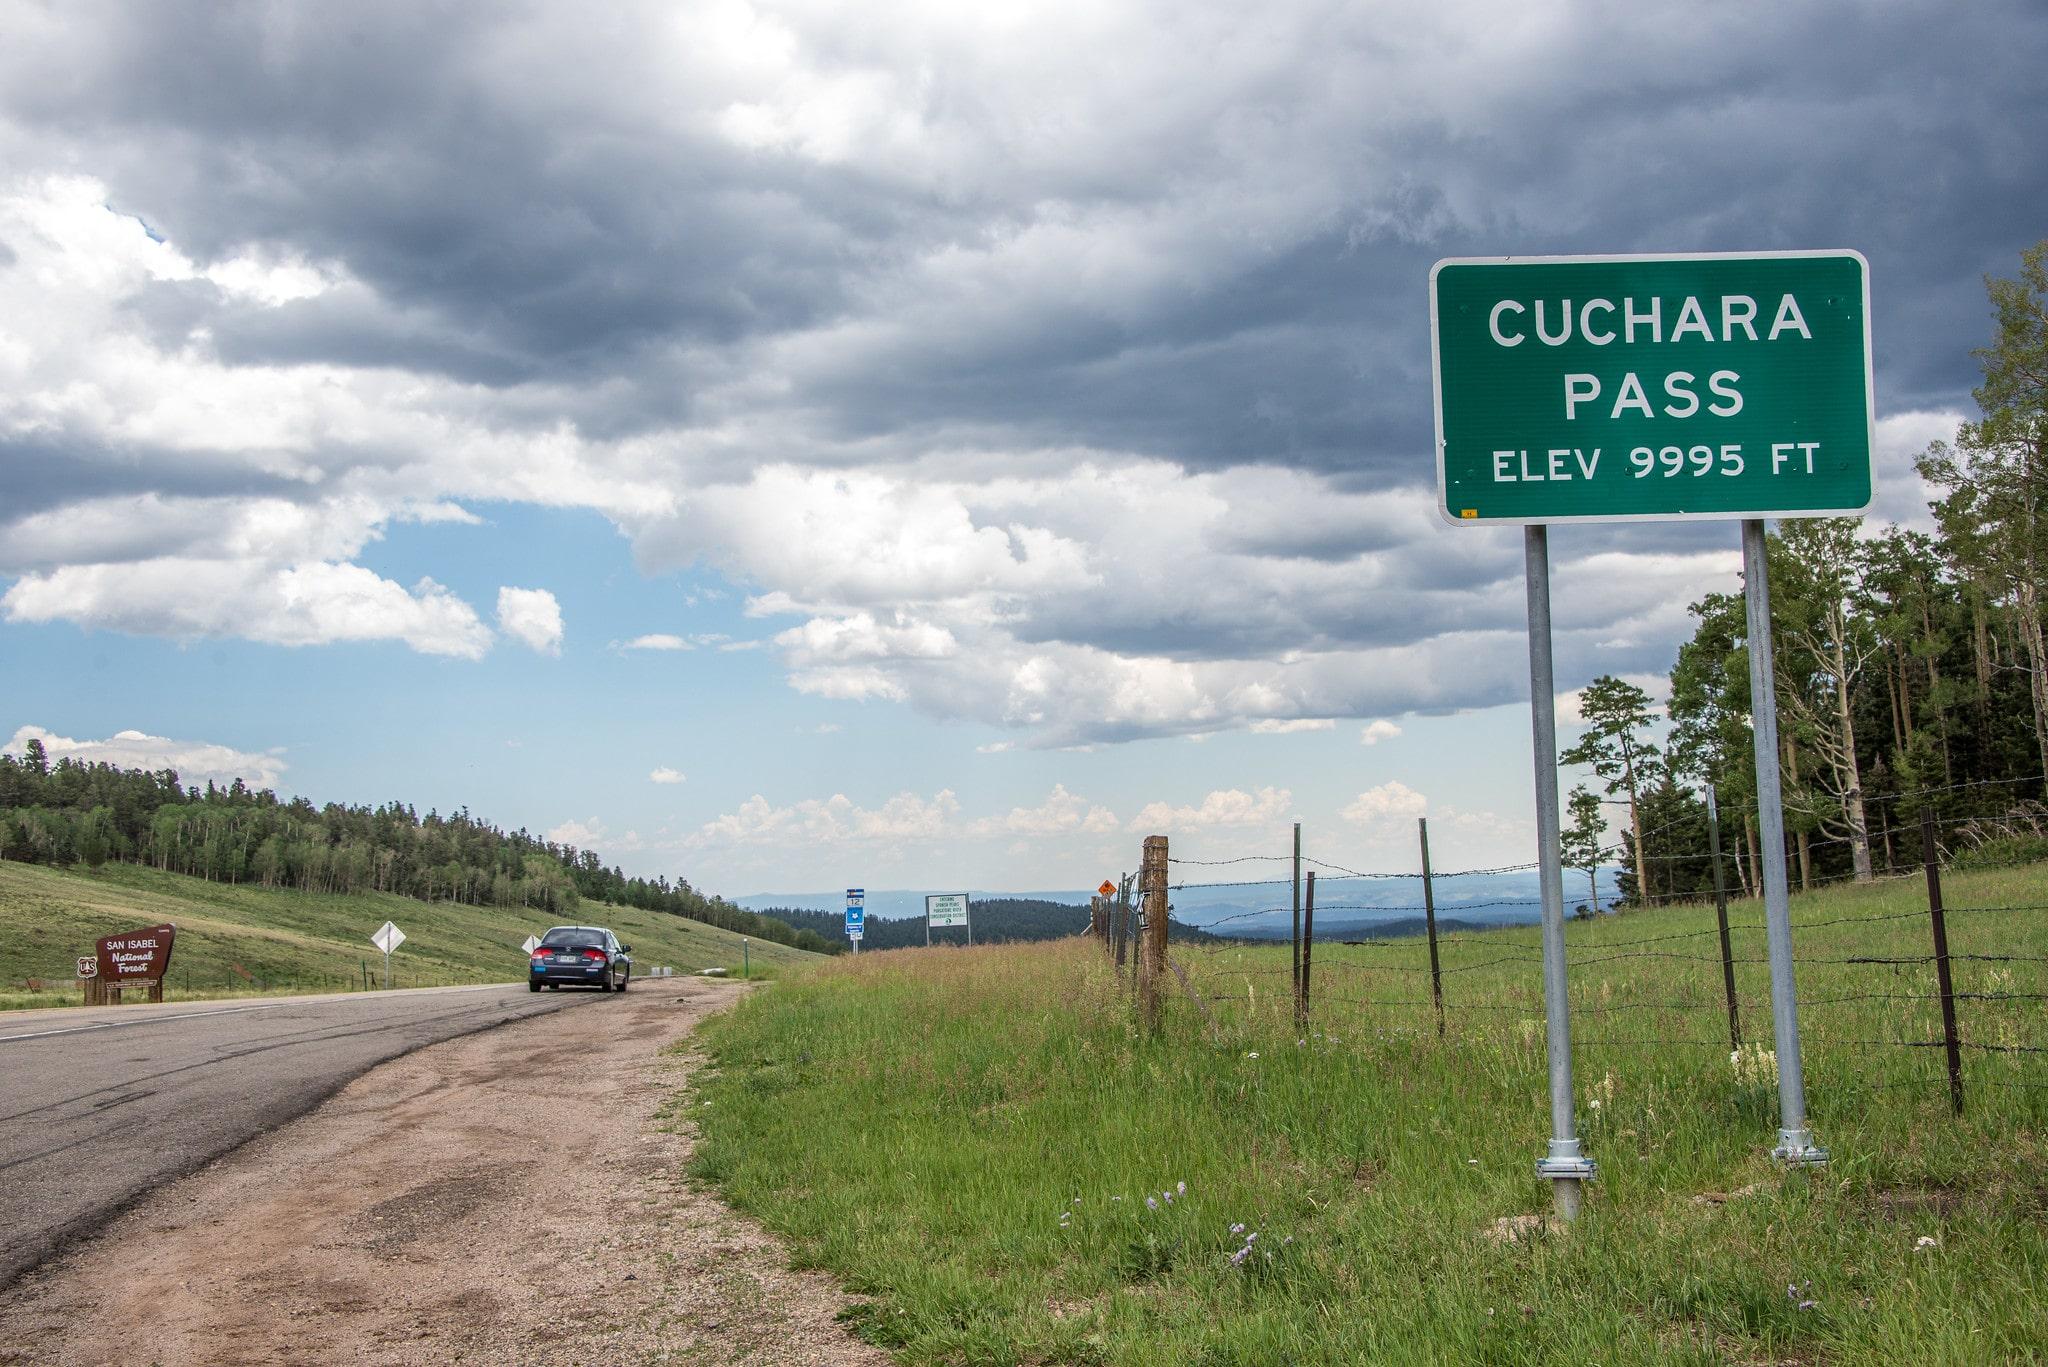 image of cuchara pass